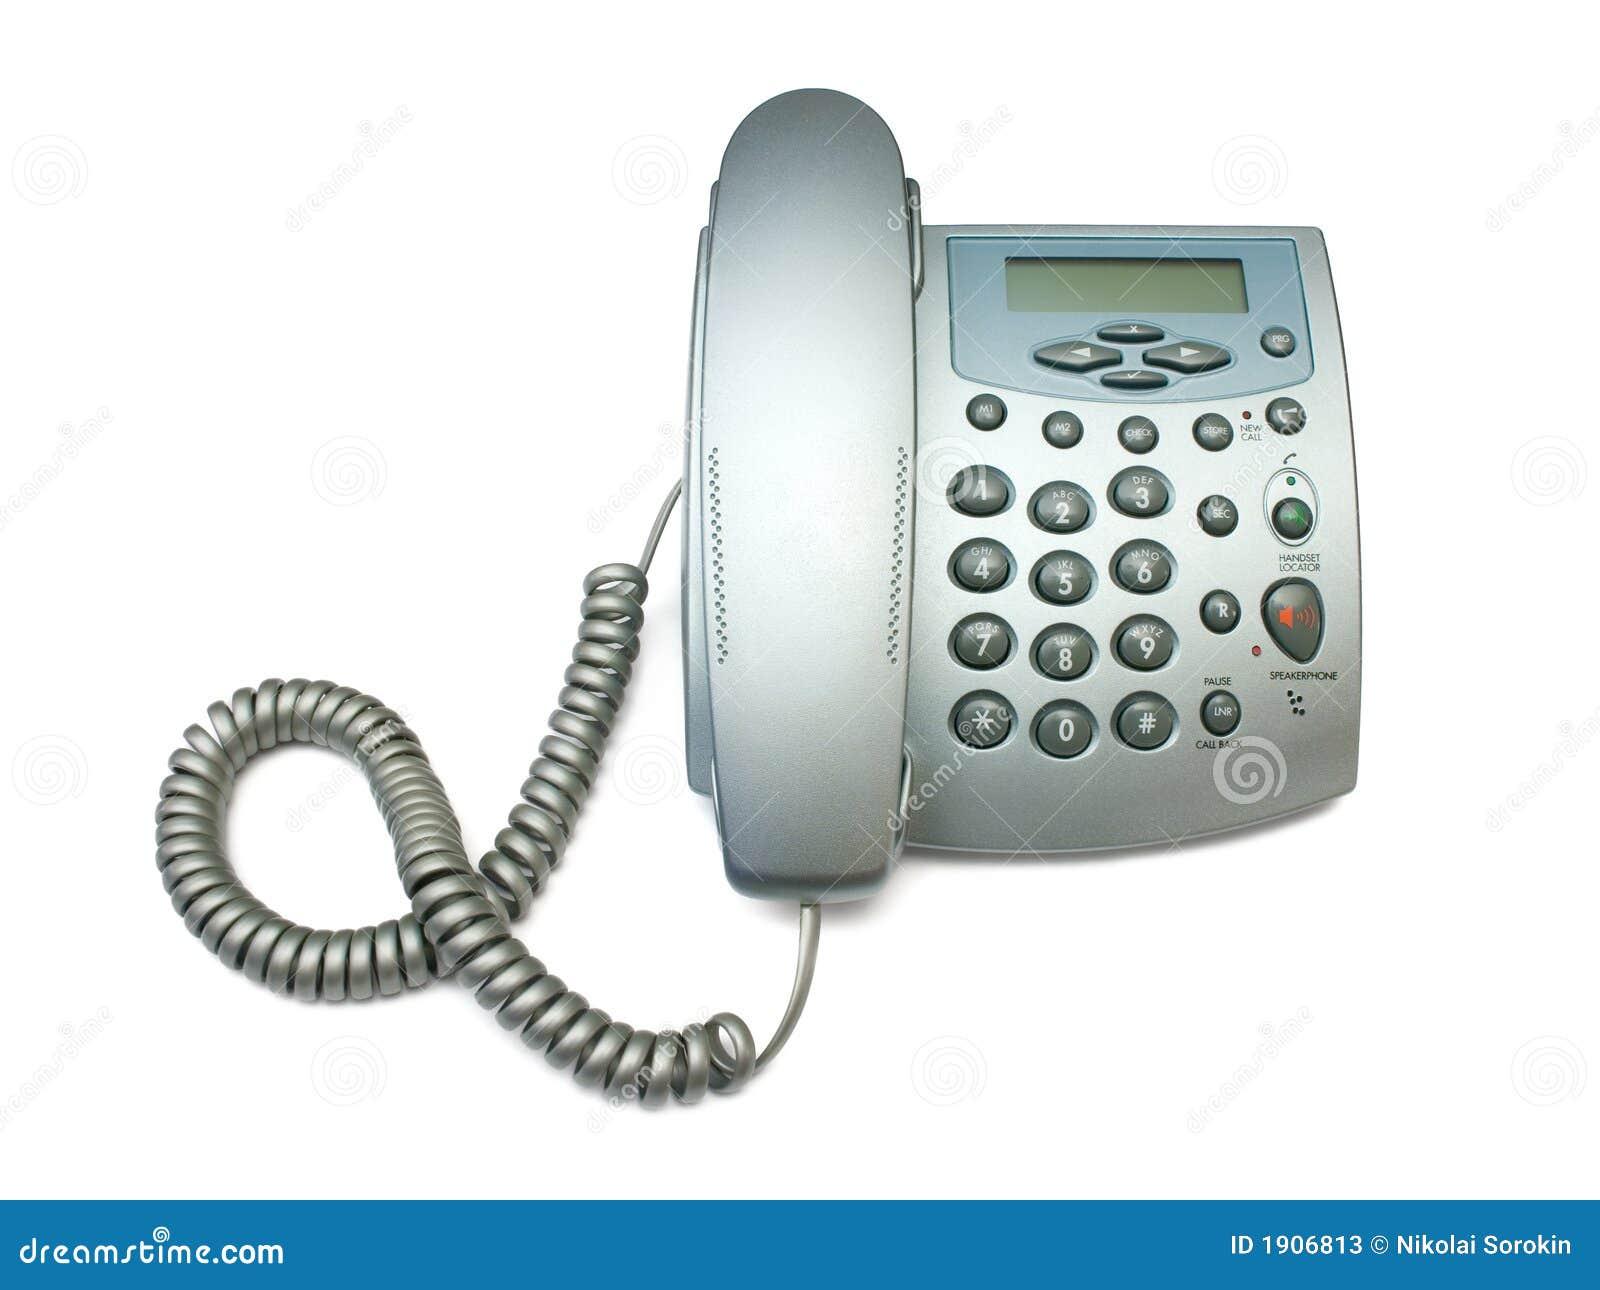 versilbern sie modernes telefon stockbild - bild von kontakte